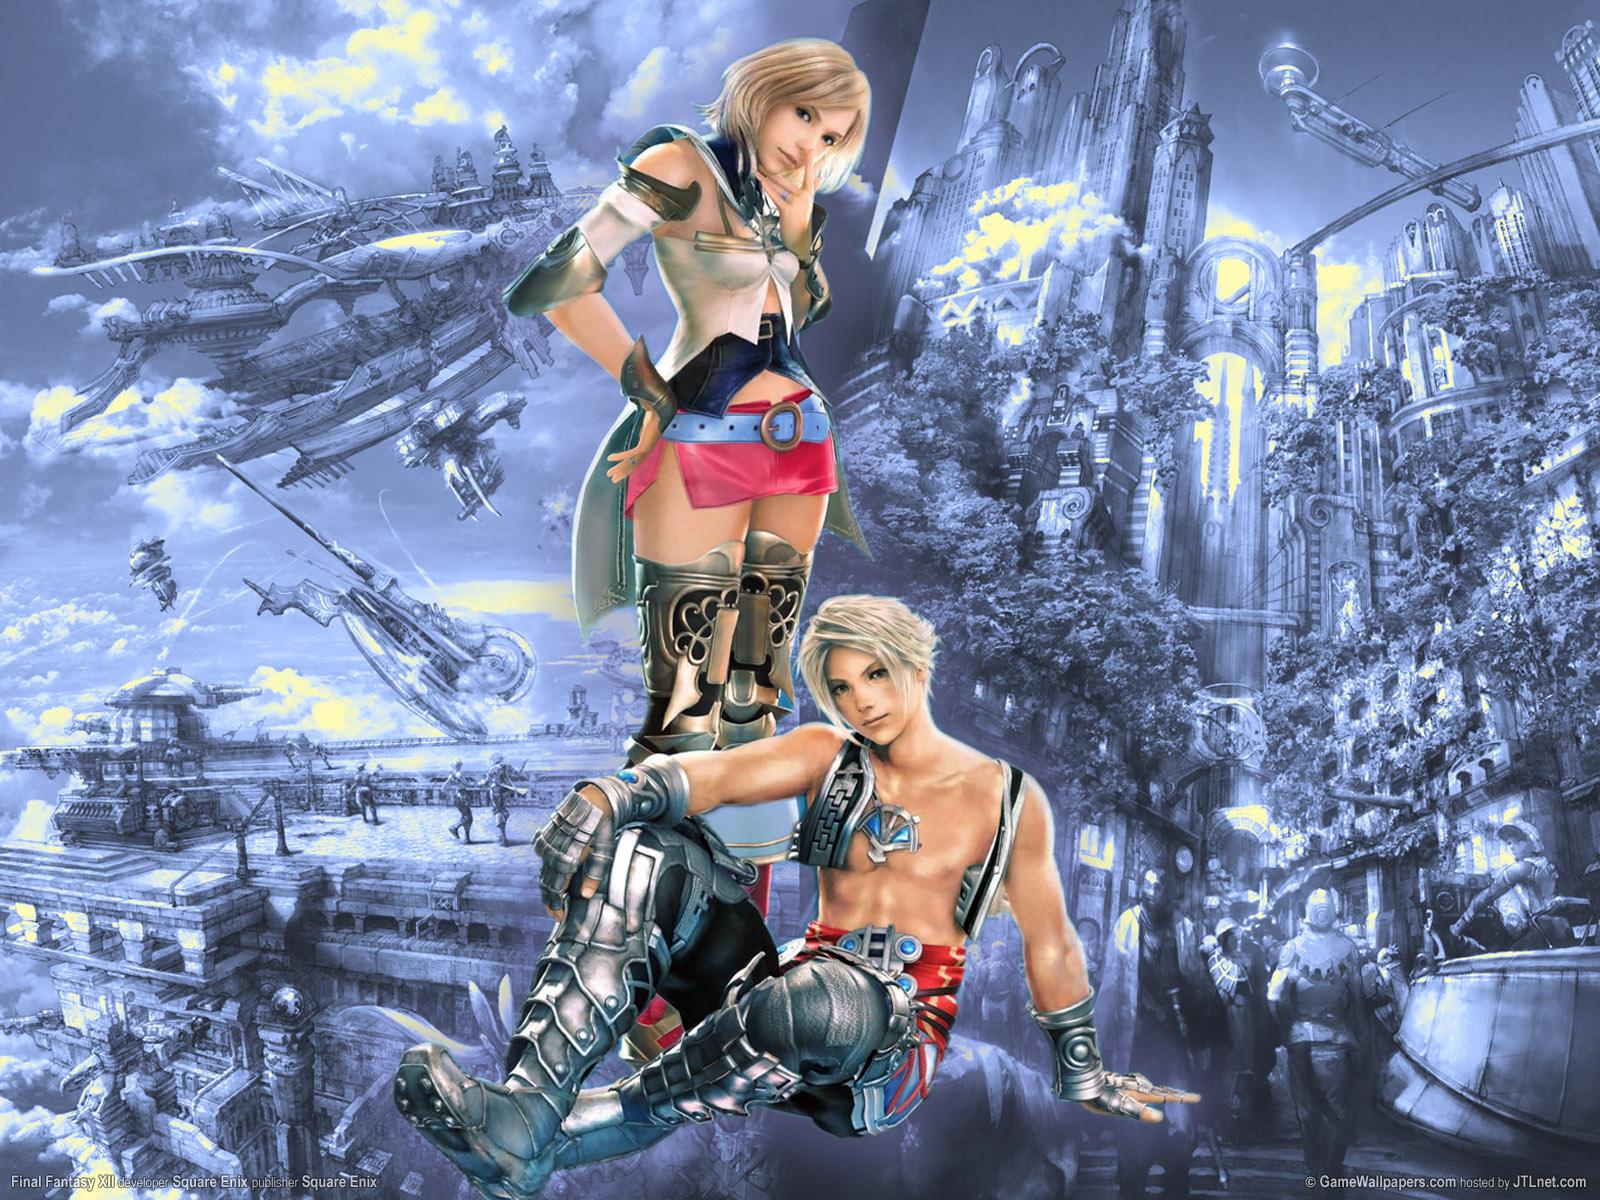 http://2.bp.blogspot.com/-lPzA2p1rkA0/T9qazkq9FpI/AAAAAAAAAqk/jaoeRElRRr0/s1600/Fantasy-Wallpaper-33.jpg